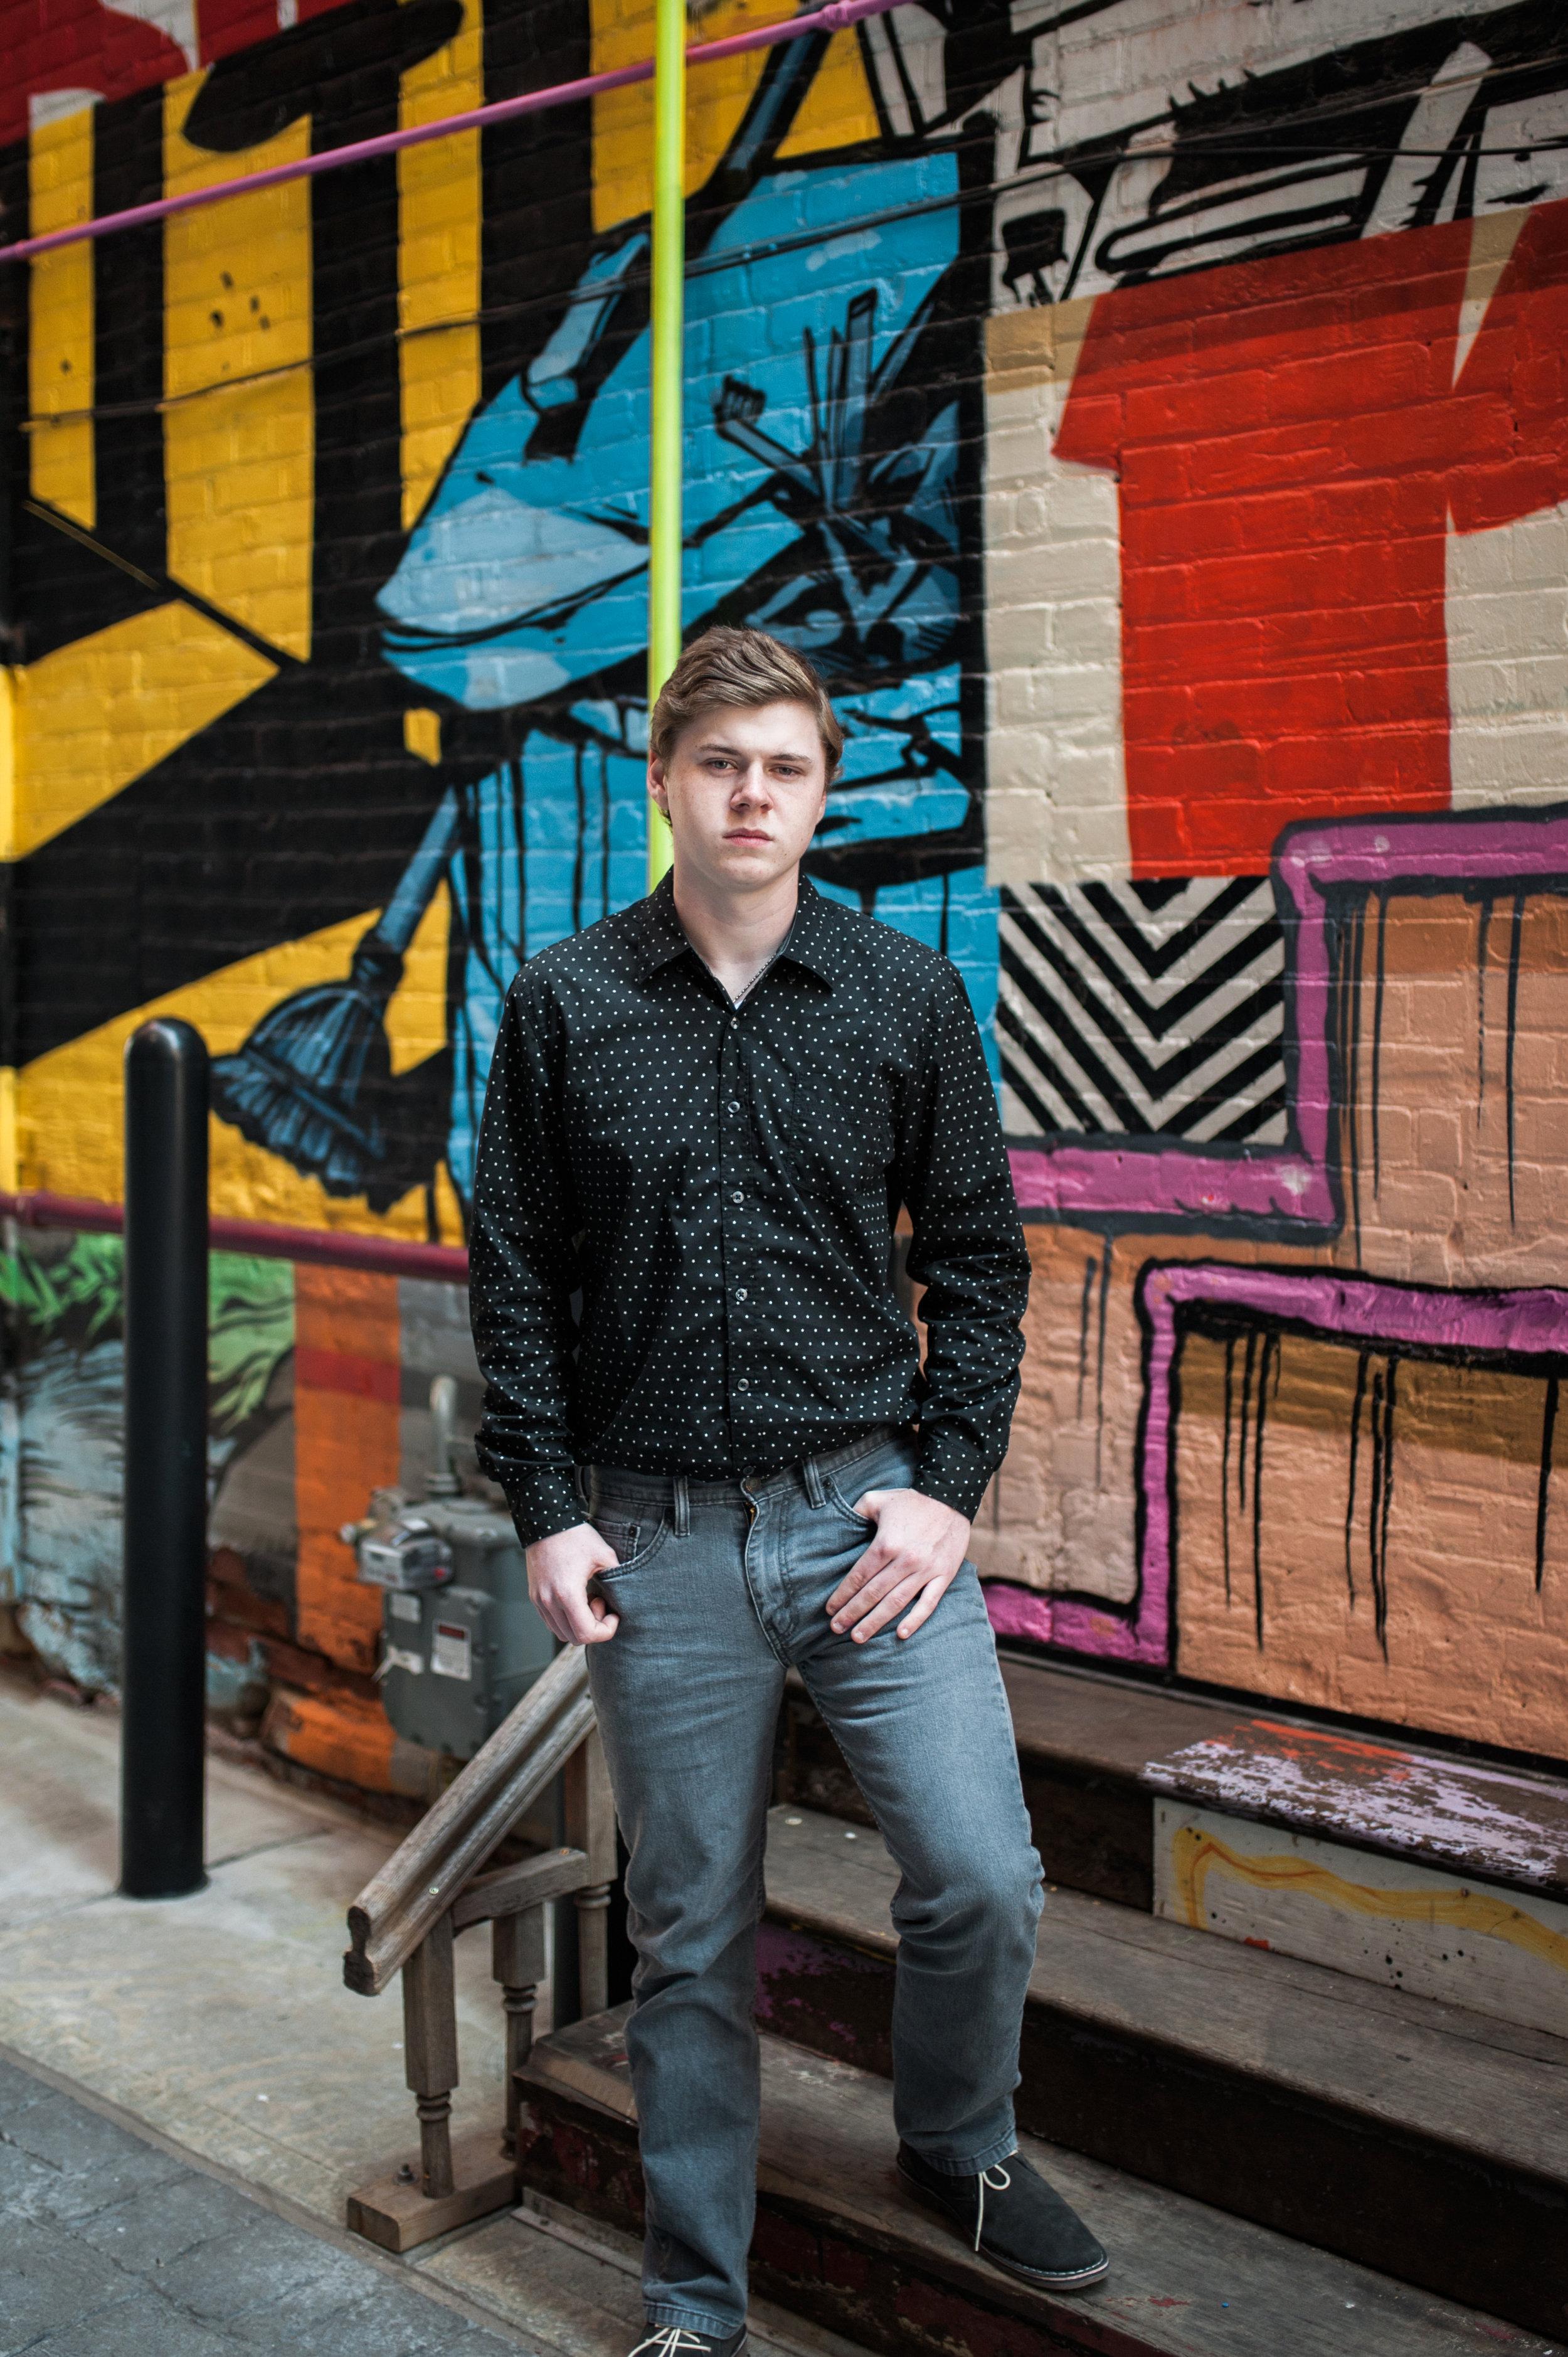 Graffiti Senior pictures